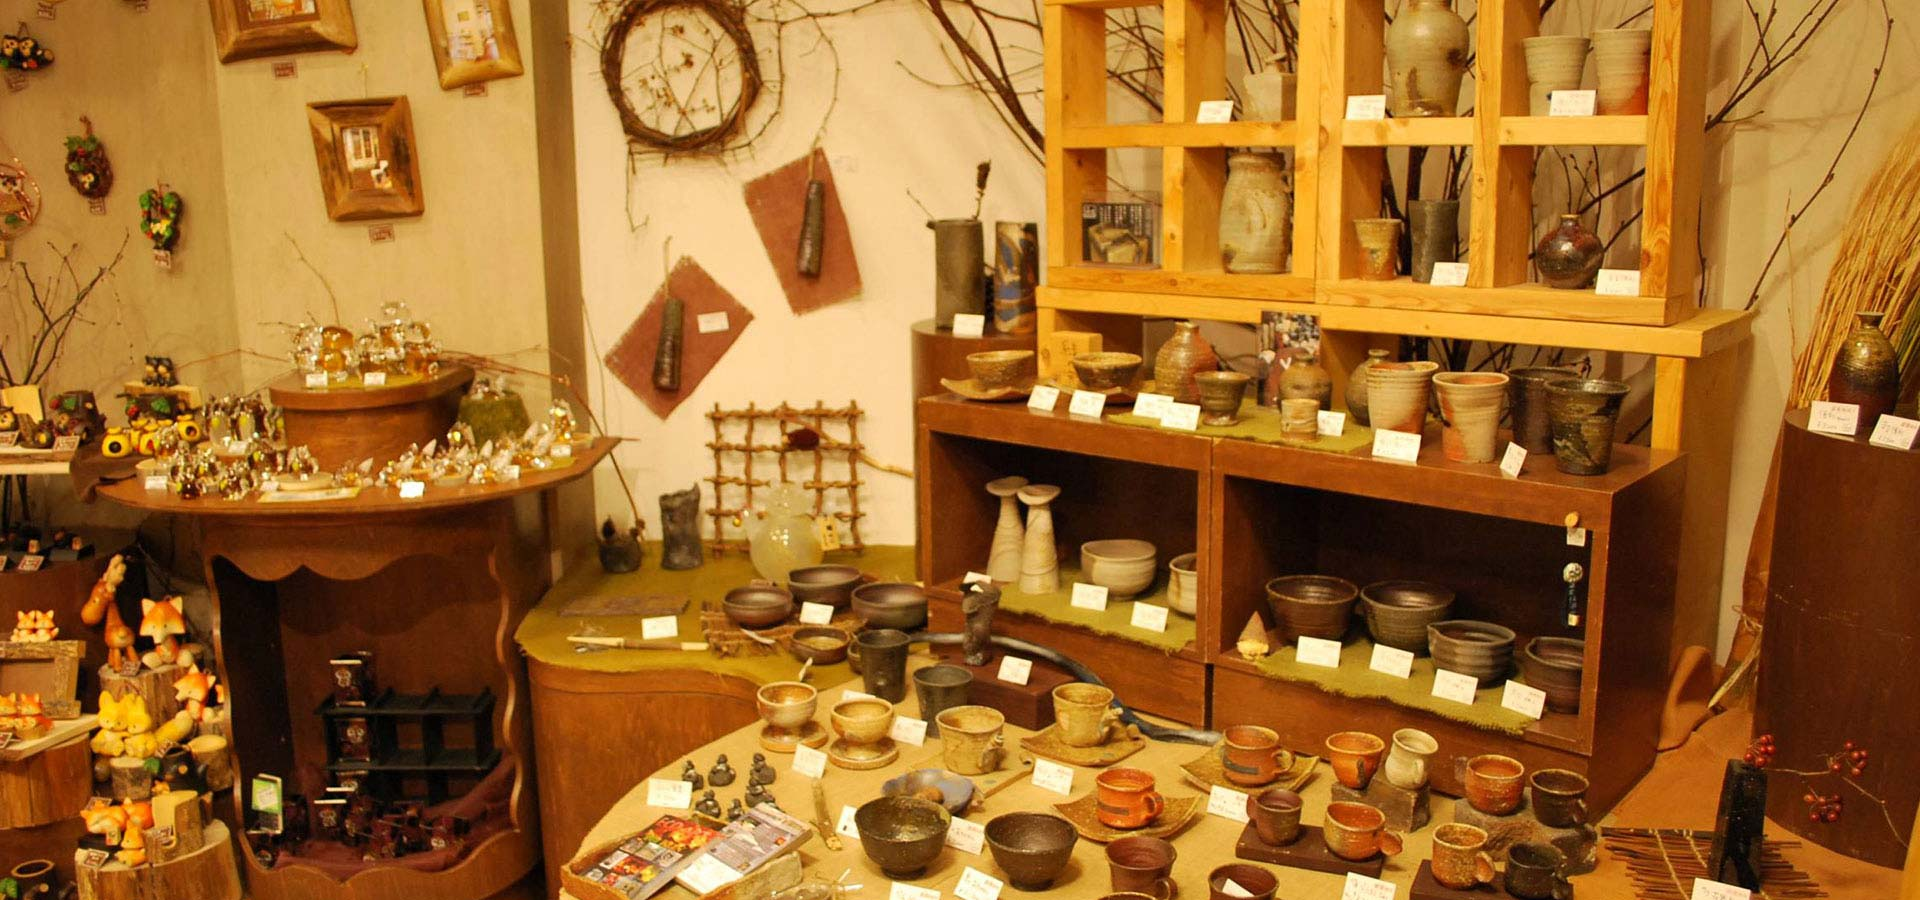 Nature Handicraft Store